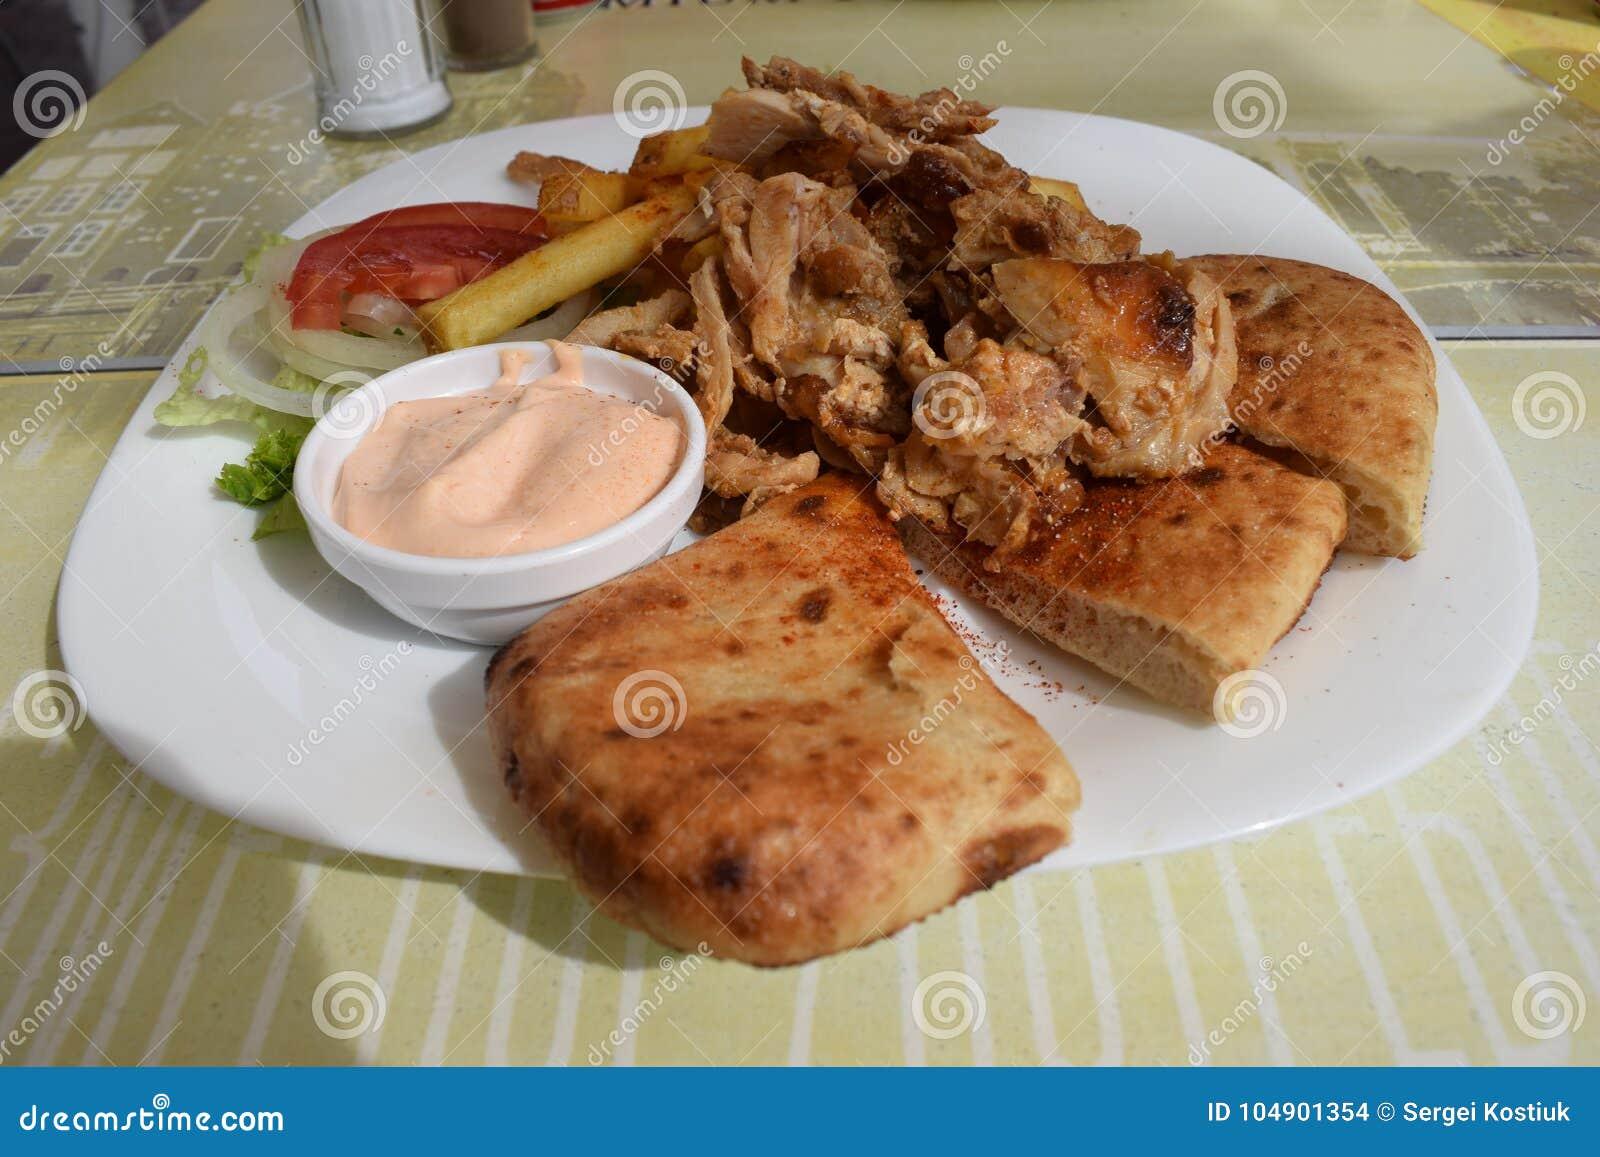 Piatto di pollo